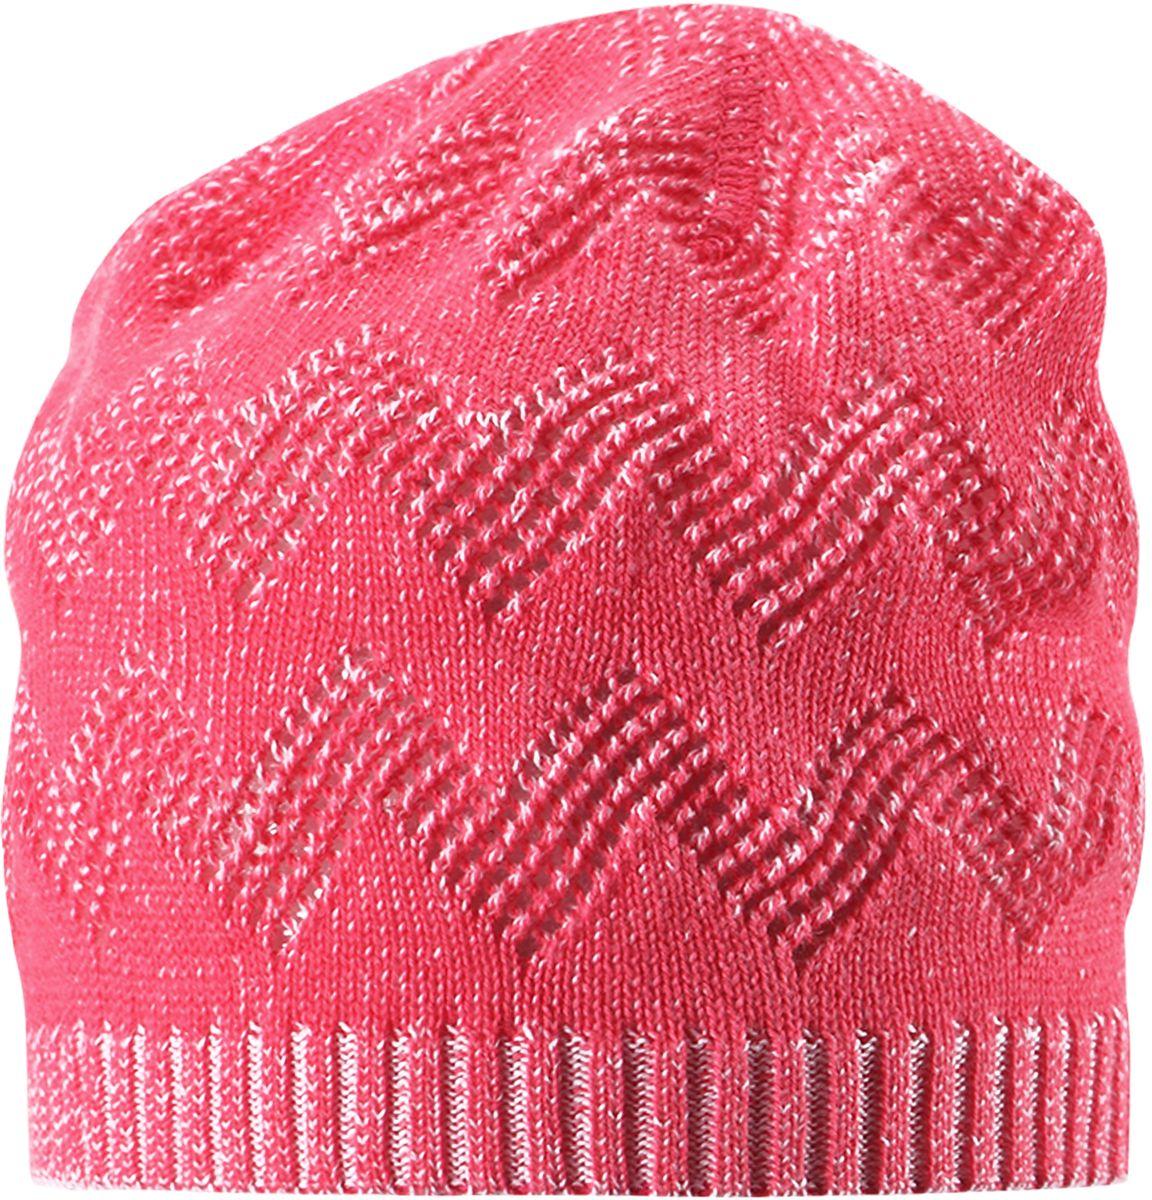 Шапка для девочки Reima Piranja, цвет: розовый. 5285283360. Размер 545285283360Детская шапка станет превосходным выбором в межсезонье, в ней можно и поиграть во дворе, и прогуляться по городу. Изготовлена из мягкого и комфортного вязаного хлопка. Эта симпатичная облегченная модель без подкладки идеально подходит для солнечной погоды.